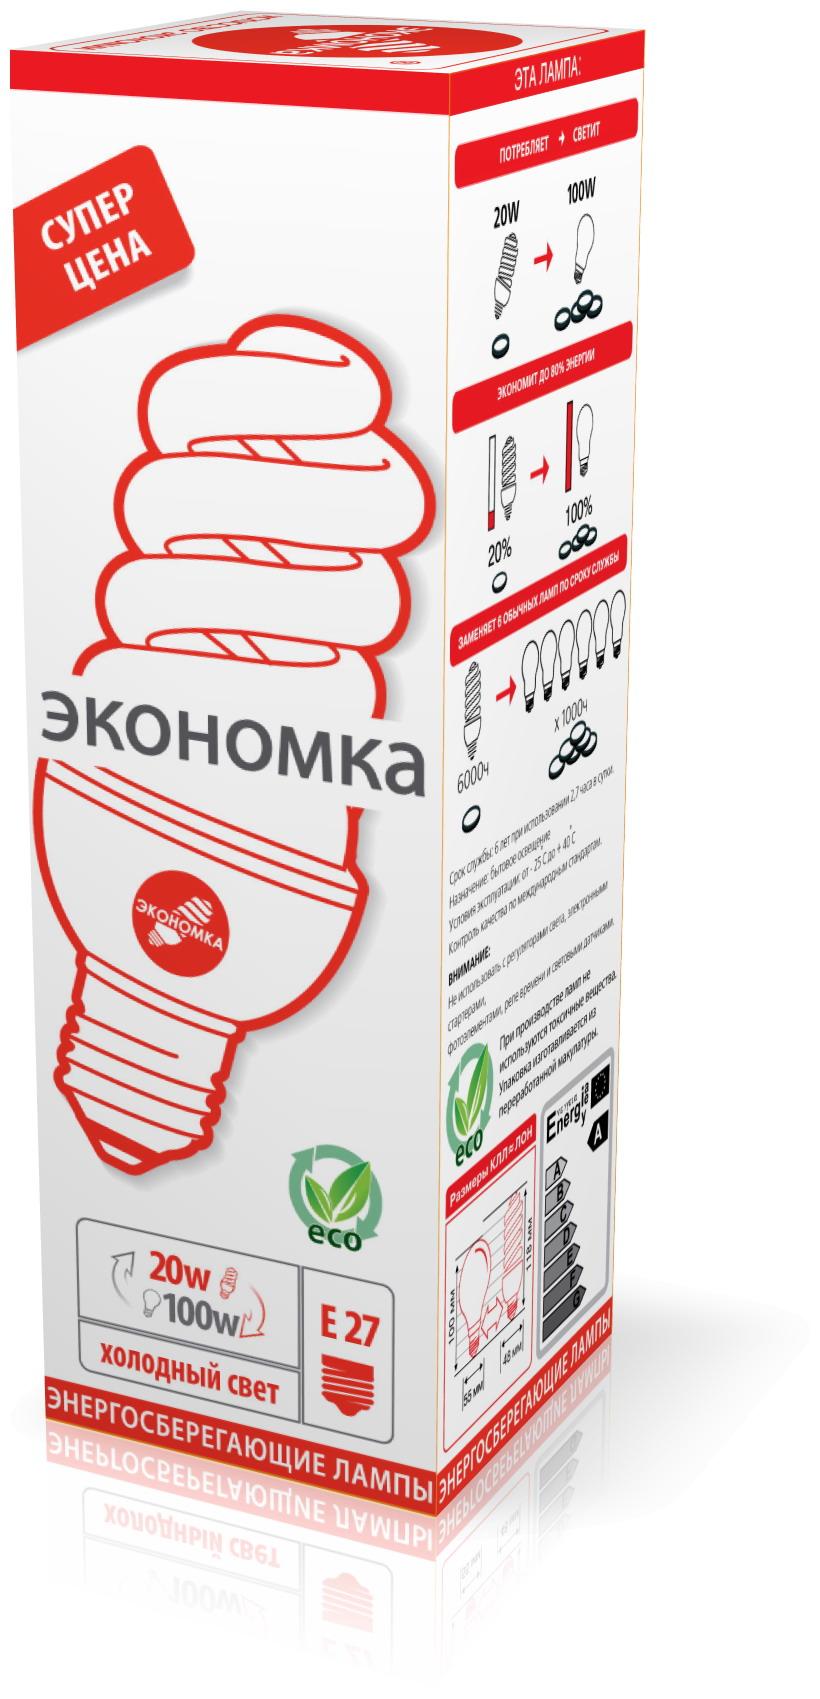 Лампа энергосберегающая ЭКОНОМКАЛампы<br>Тип лампы: энергосберегающая КЛЛ, Форма лампы: спираль, Цвет колбы: белая, Тип цоколя: Е27, Напряжение: 220, Мощность: 20, Цветовая температура: 4200, Цвет свечения: нейтральный<br>